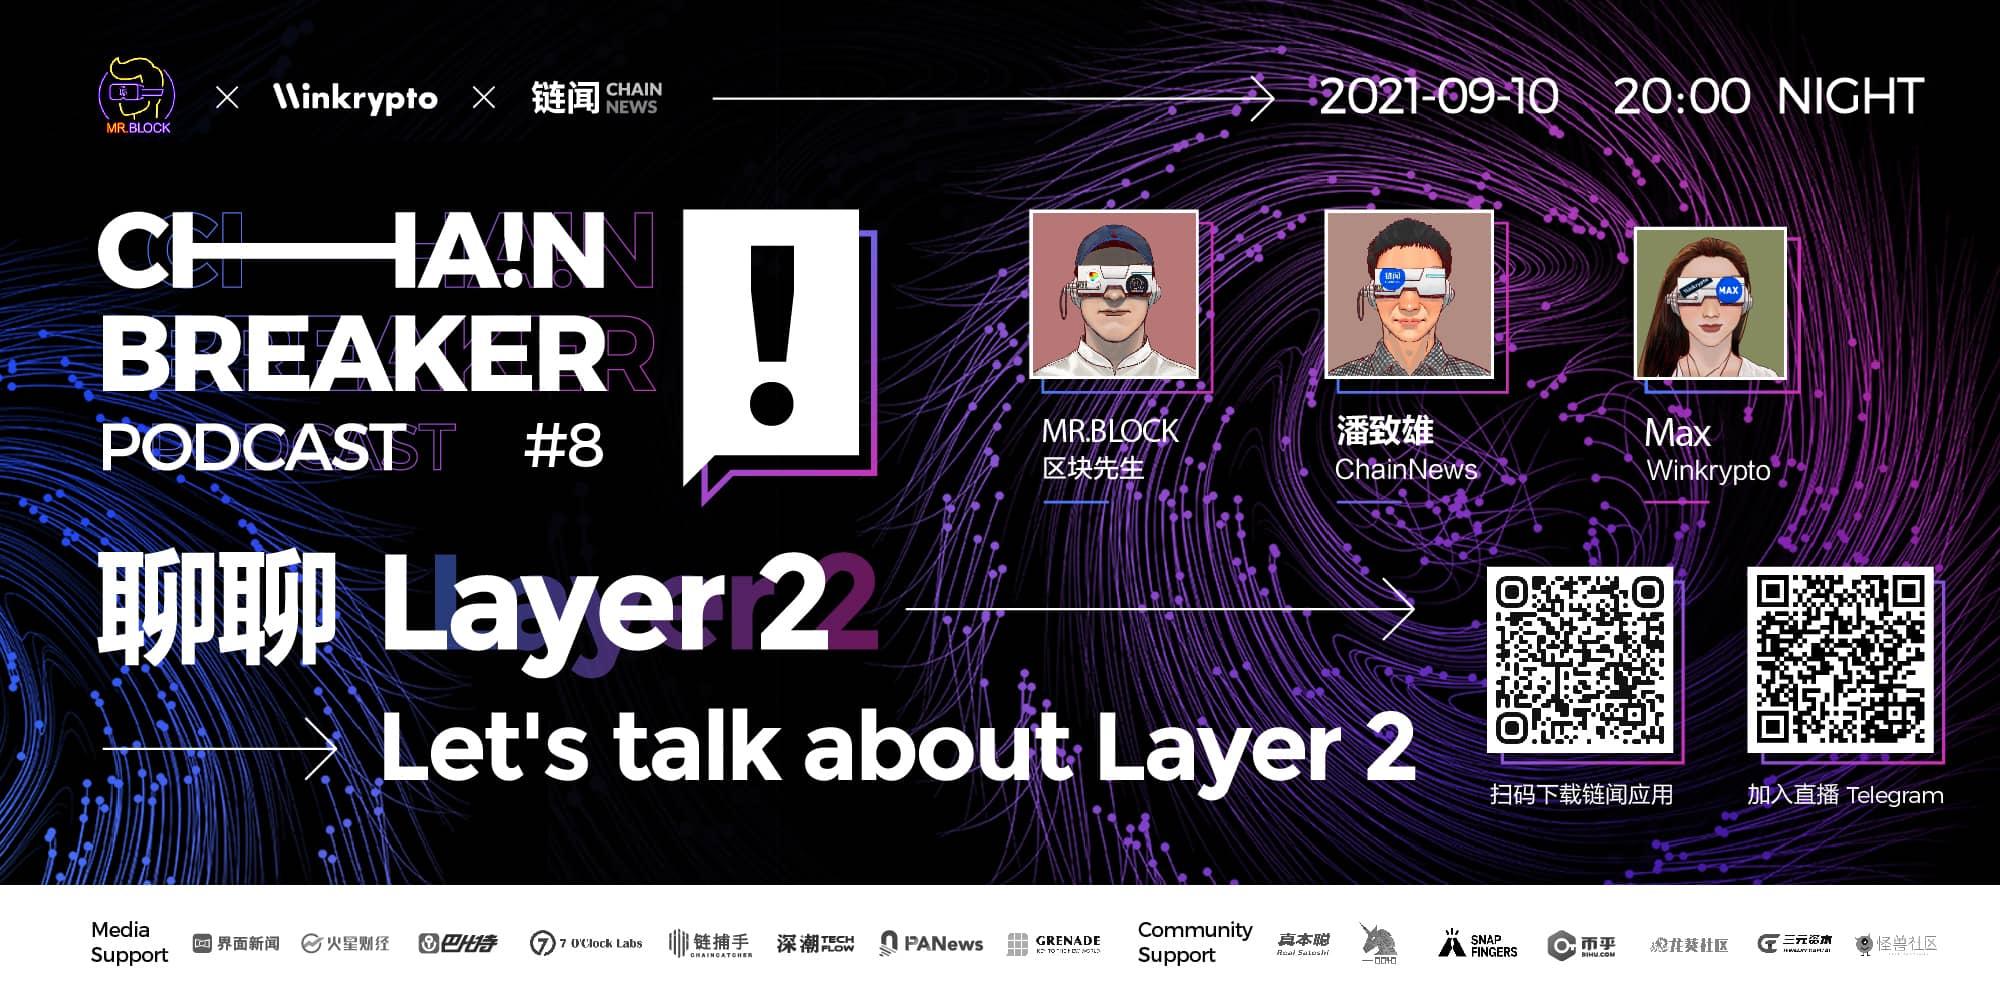 聊聊 Layer 2 | ChainBreaker Podcast 第八期精彩回顧